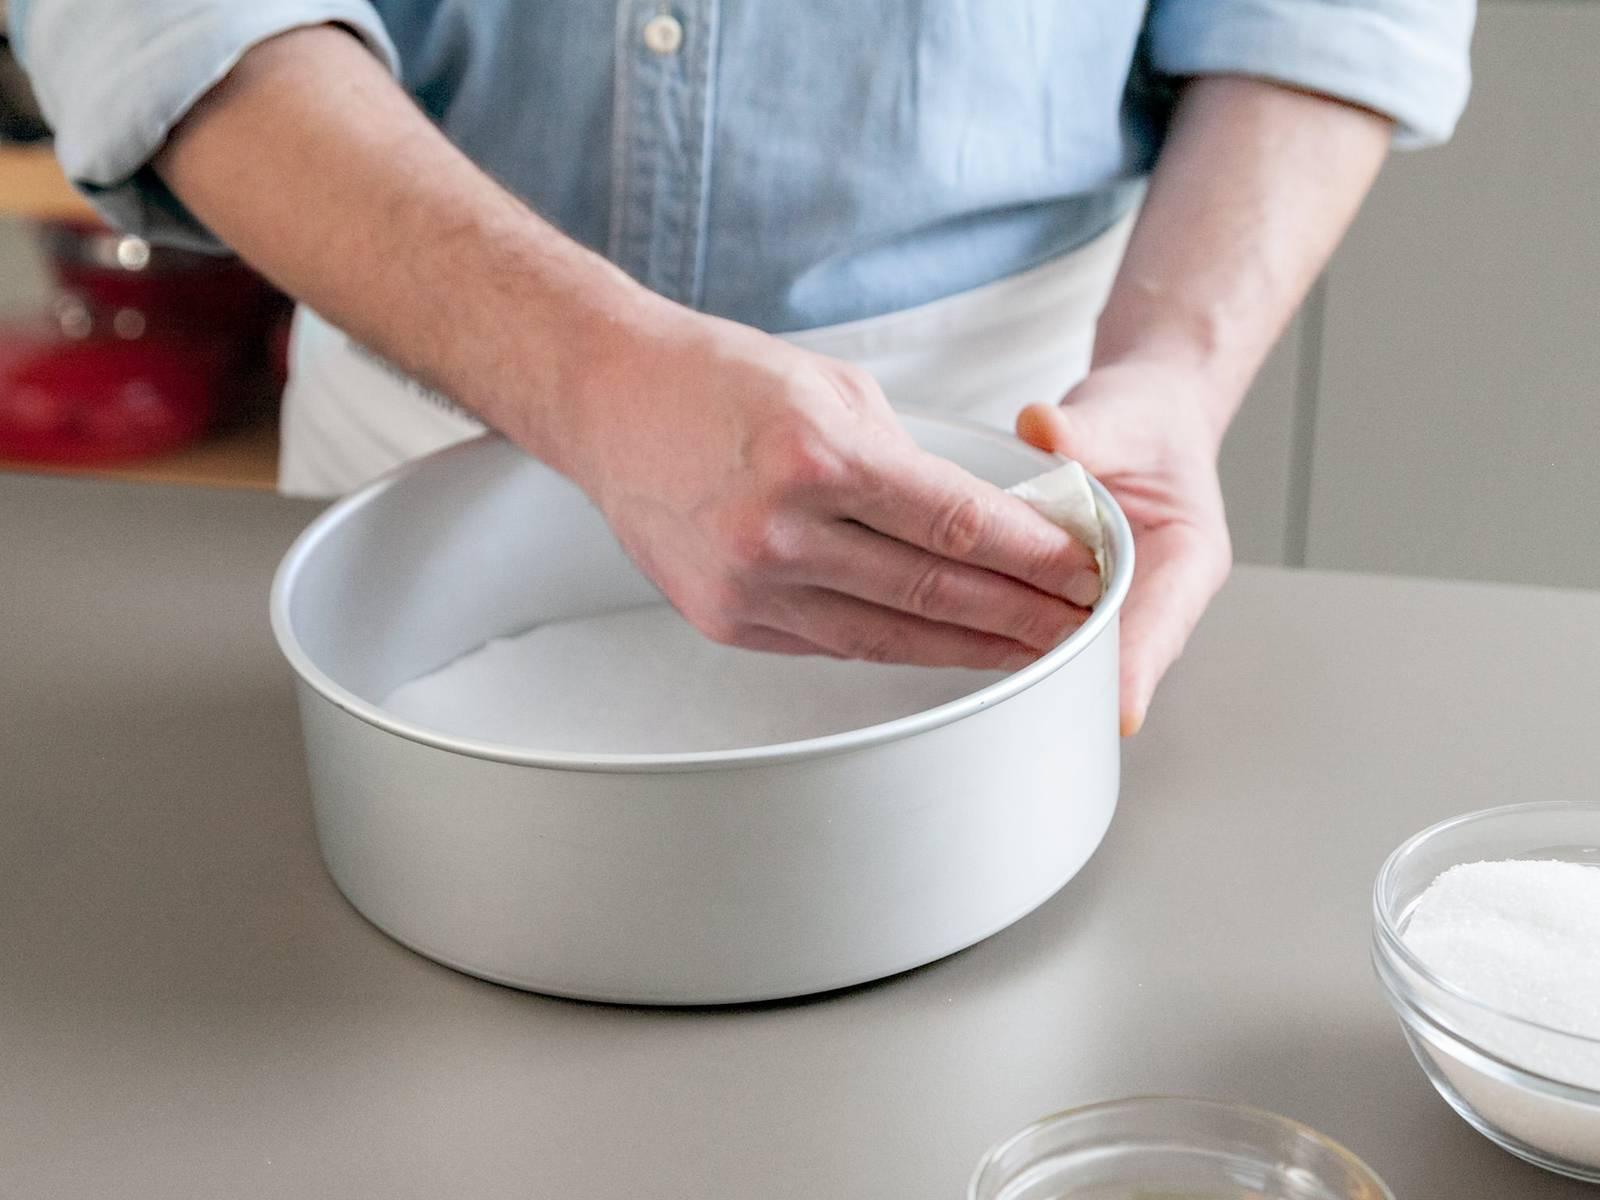 将烤箱预热至200℃。润滑烤盘,铺上烘焙纸。